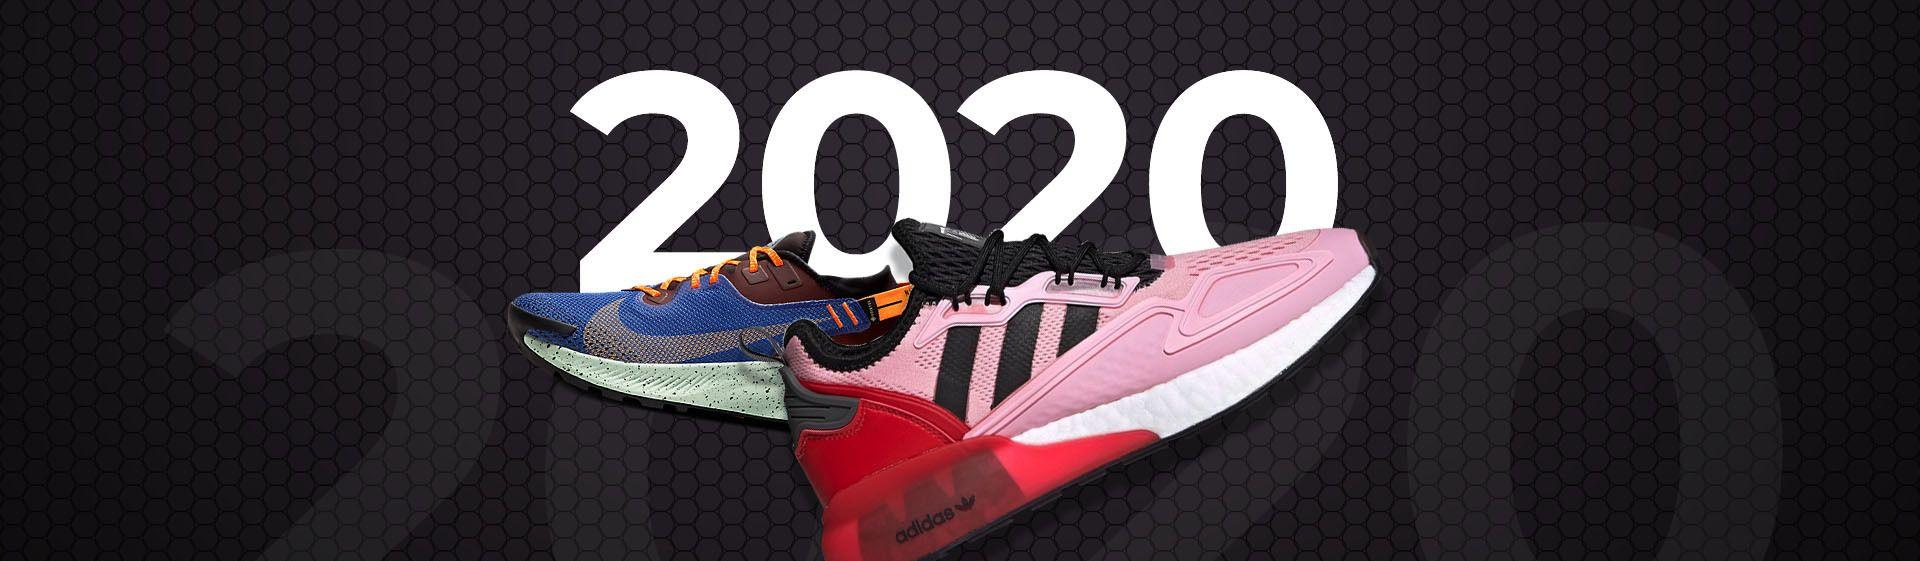 Retrospectiva 2020: relembre os melhores tênis de corrida lançados no ano